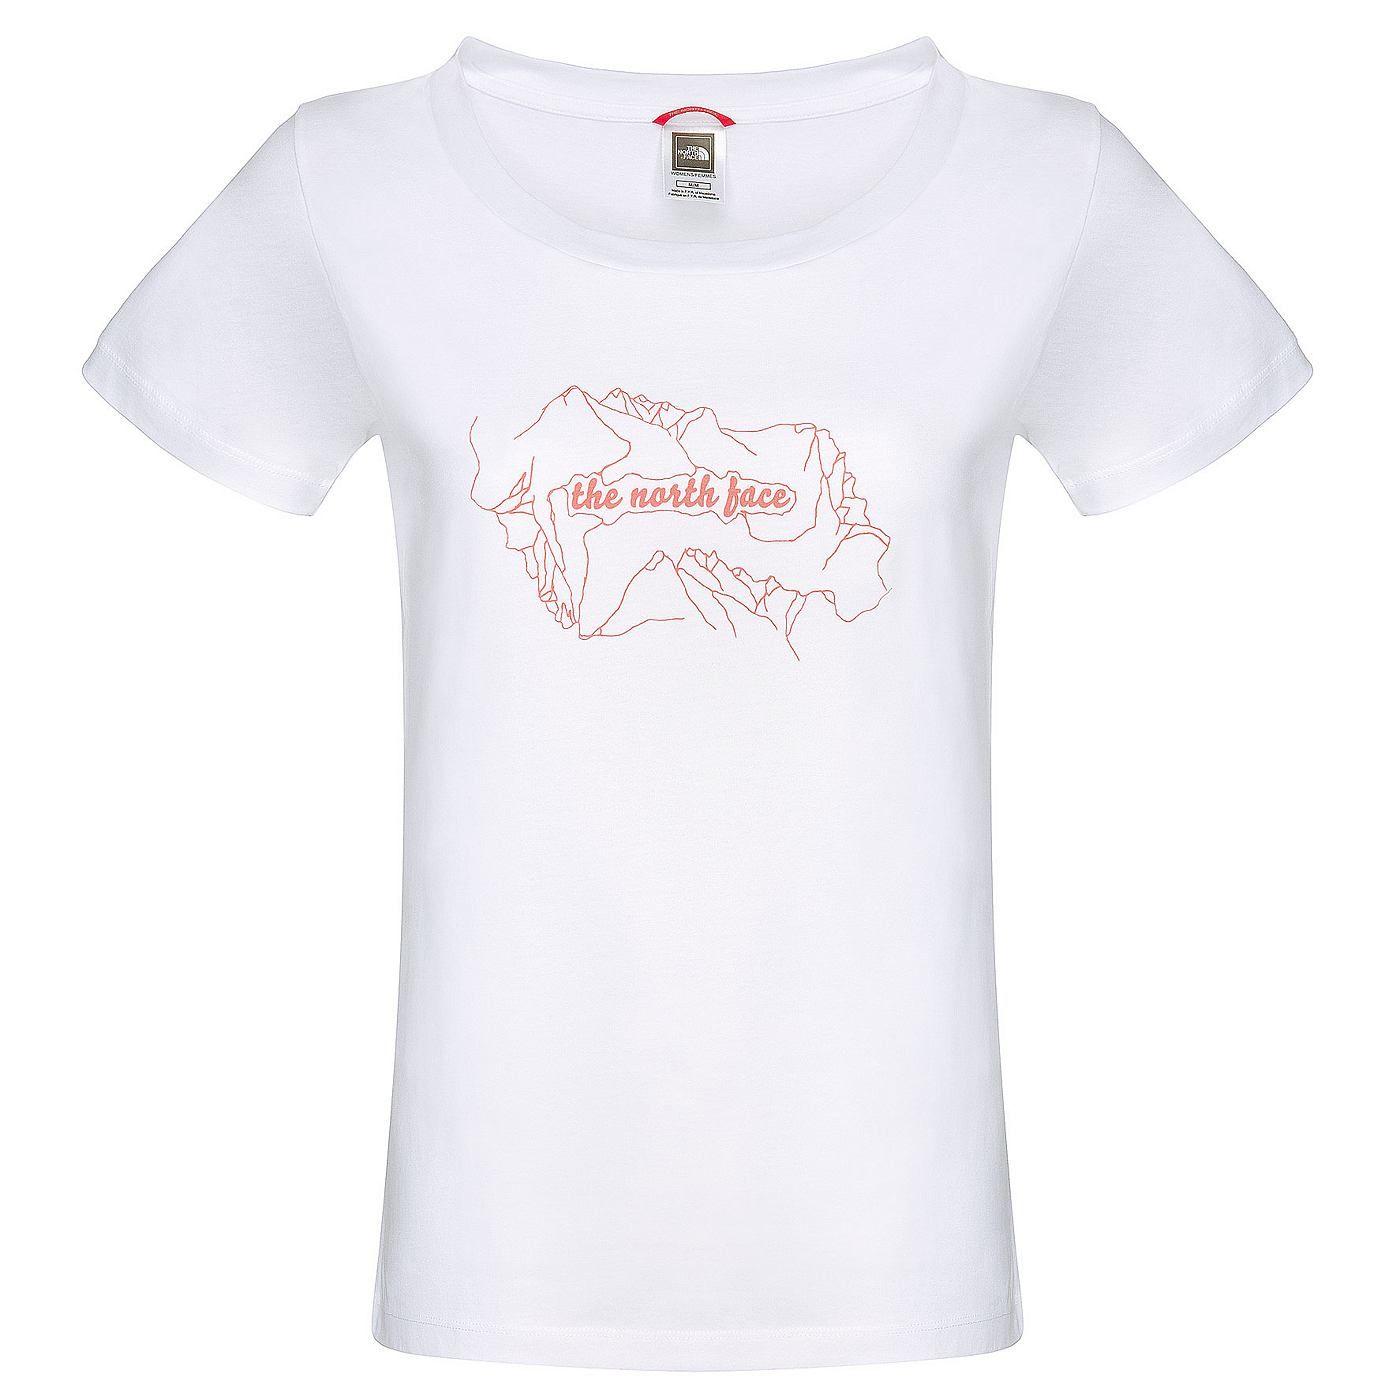 Das Heli View Tee ist ein T-Shirt mit einem schönen Bergmotiv, das für alle Bergsportaktivitäten super geeignet ist.  • Zusatzinformation: - Wasserbasierender Aufdruck auf der Vorderseite - TNF Logo auf der Schulter • Größeninformation: Größe fällt normal aus • Passform: normal  Ausstattung  • Kragenform: Rundhalsausschnitt  Saison  • Saison: Ganzjahresartikel  Shirt  • Typ: kurzarm • Einsa...